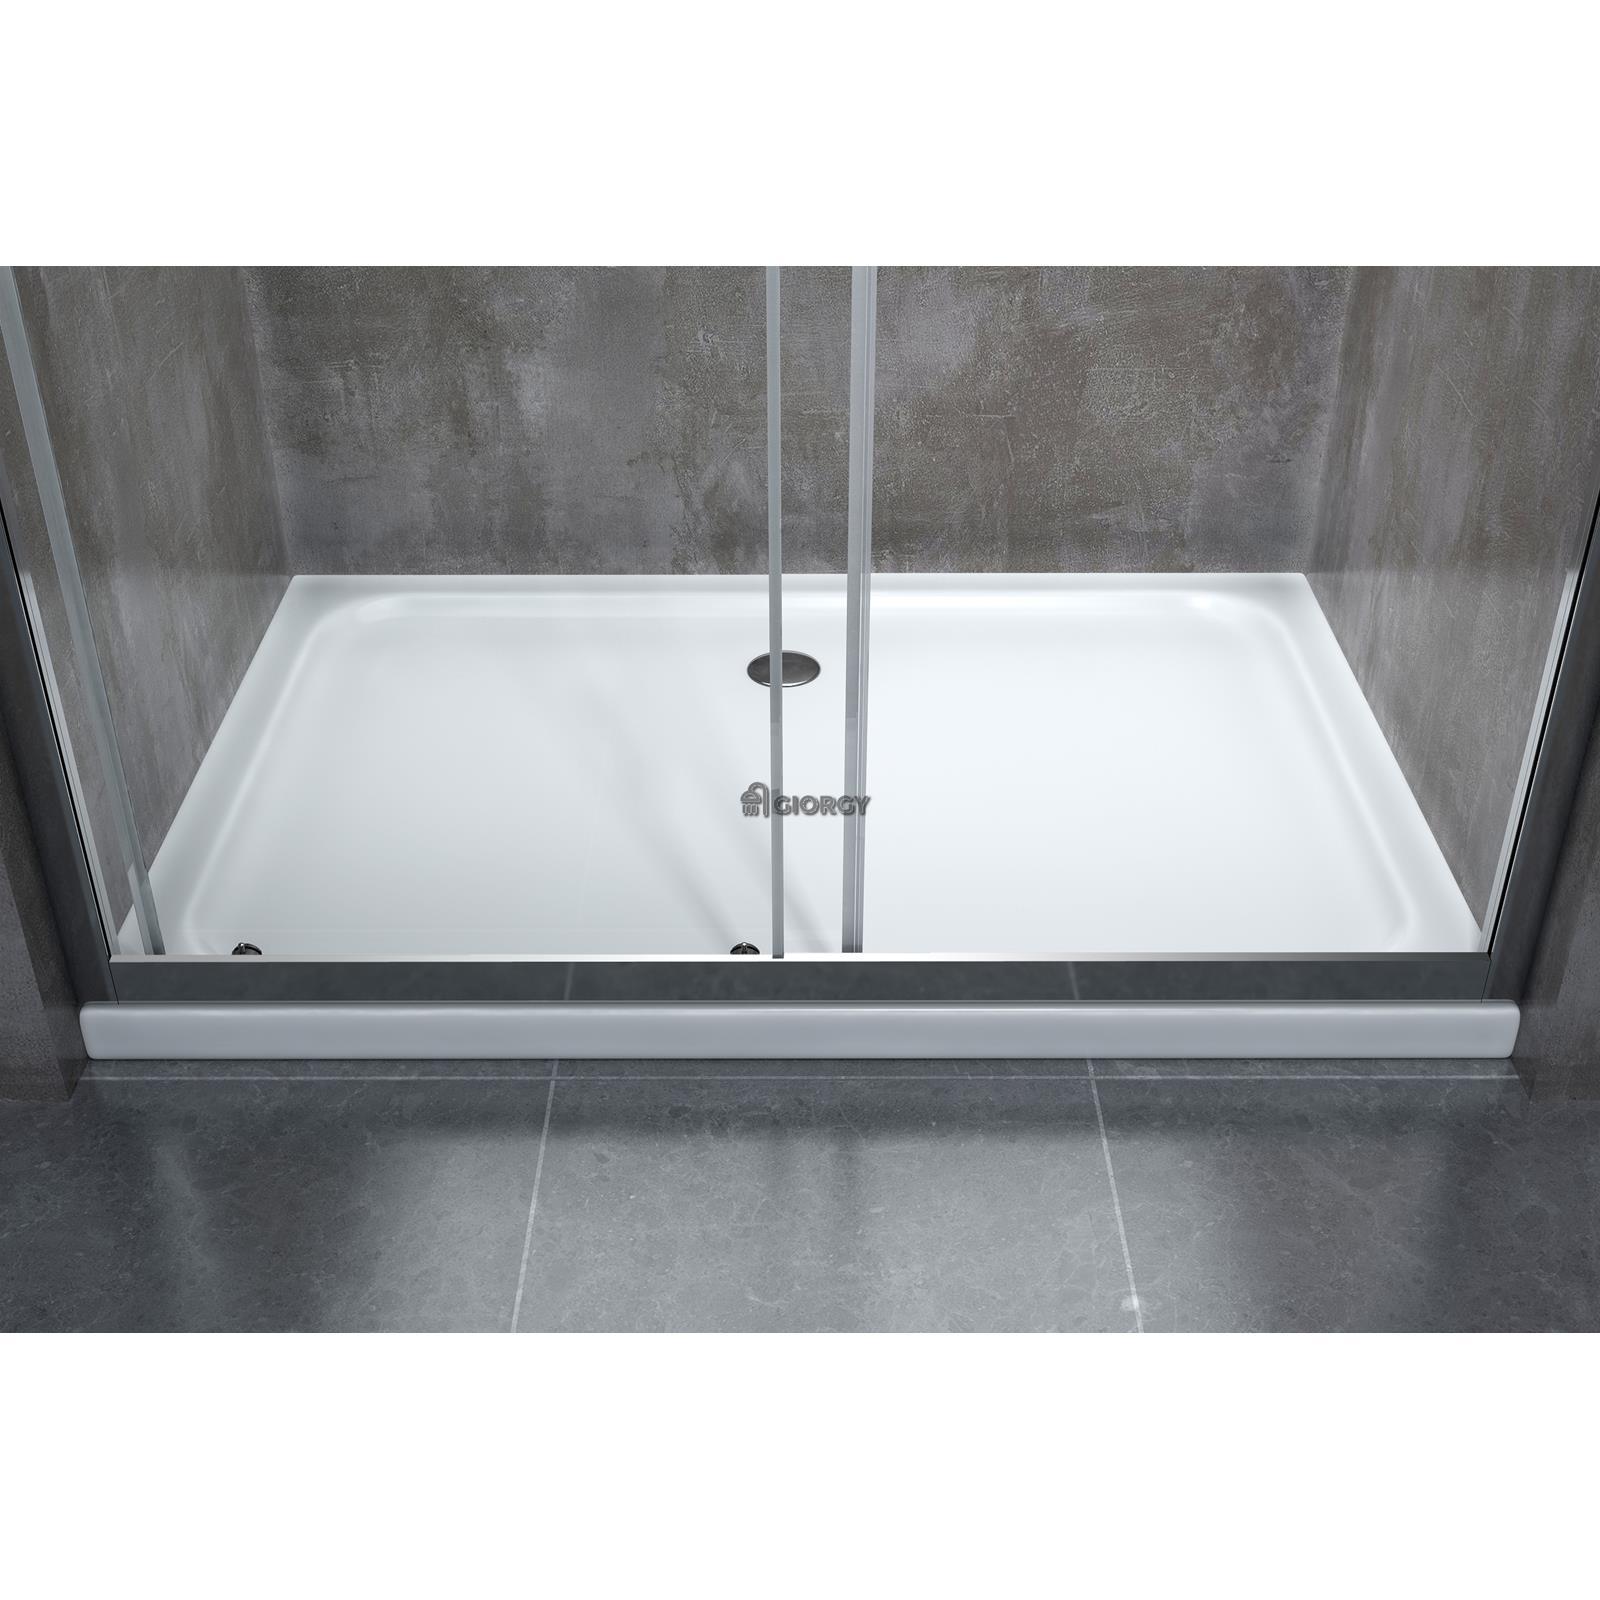 Porta scorrevole per installazione in nicchia reversibile - Porta in cristallo scorrevole ...